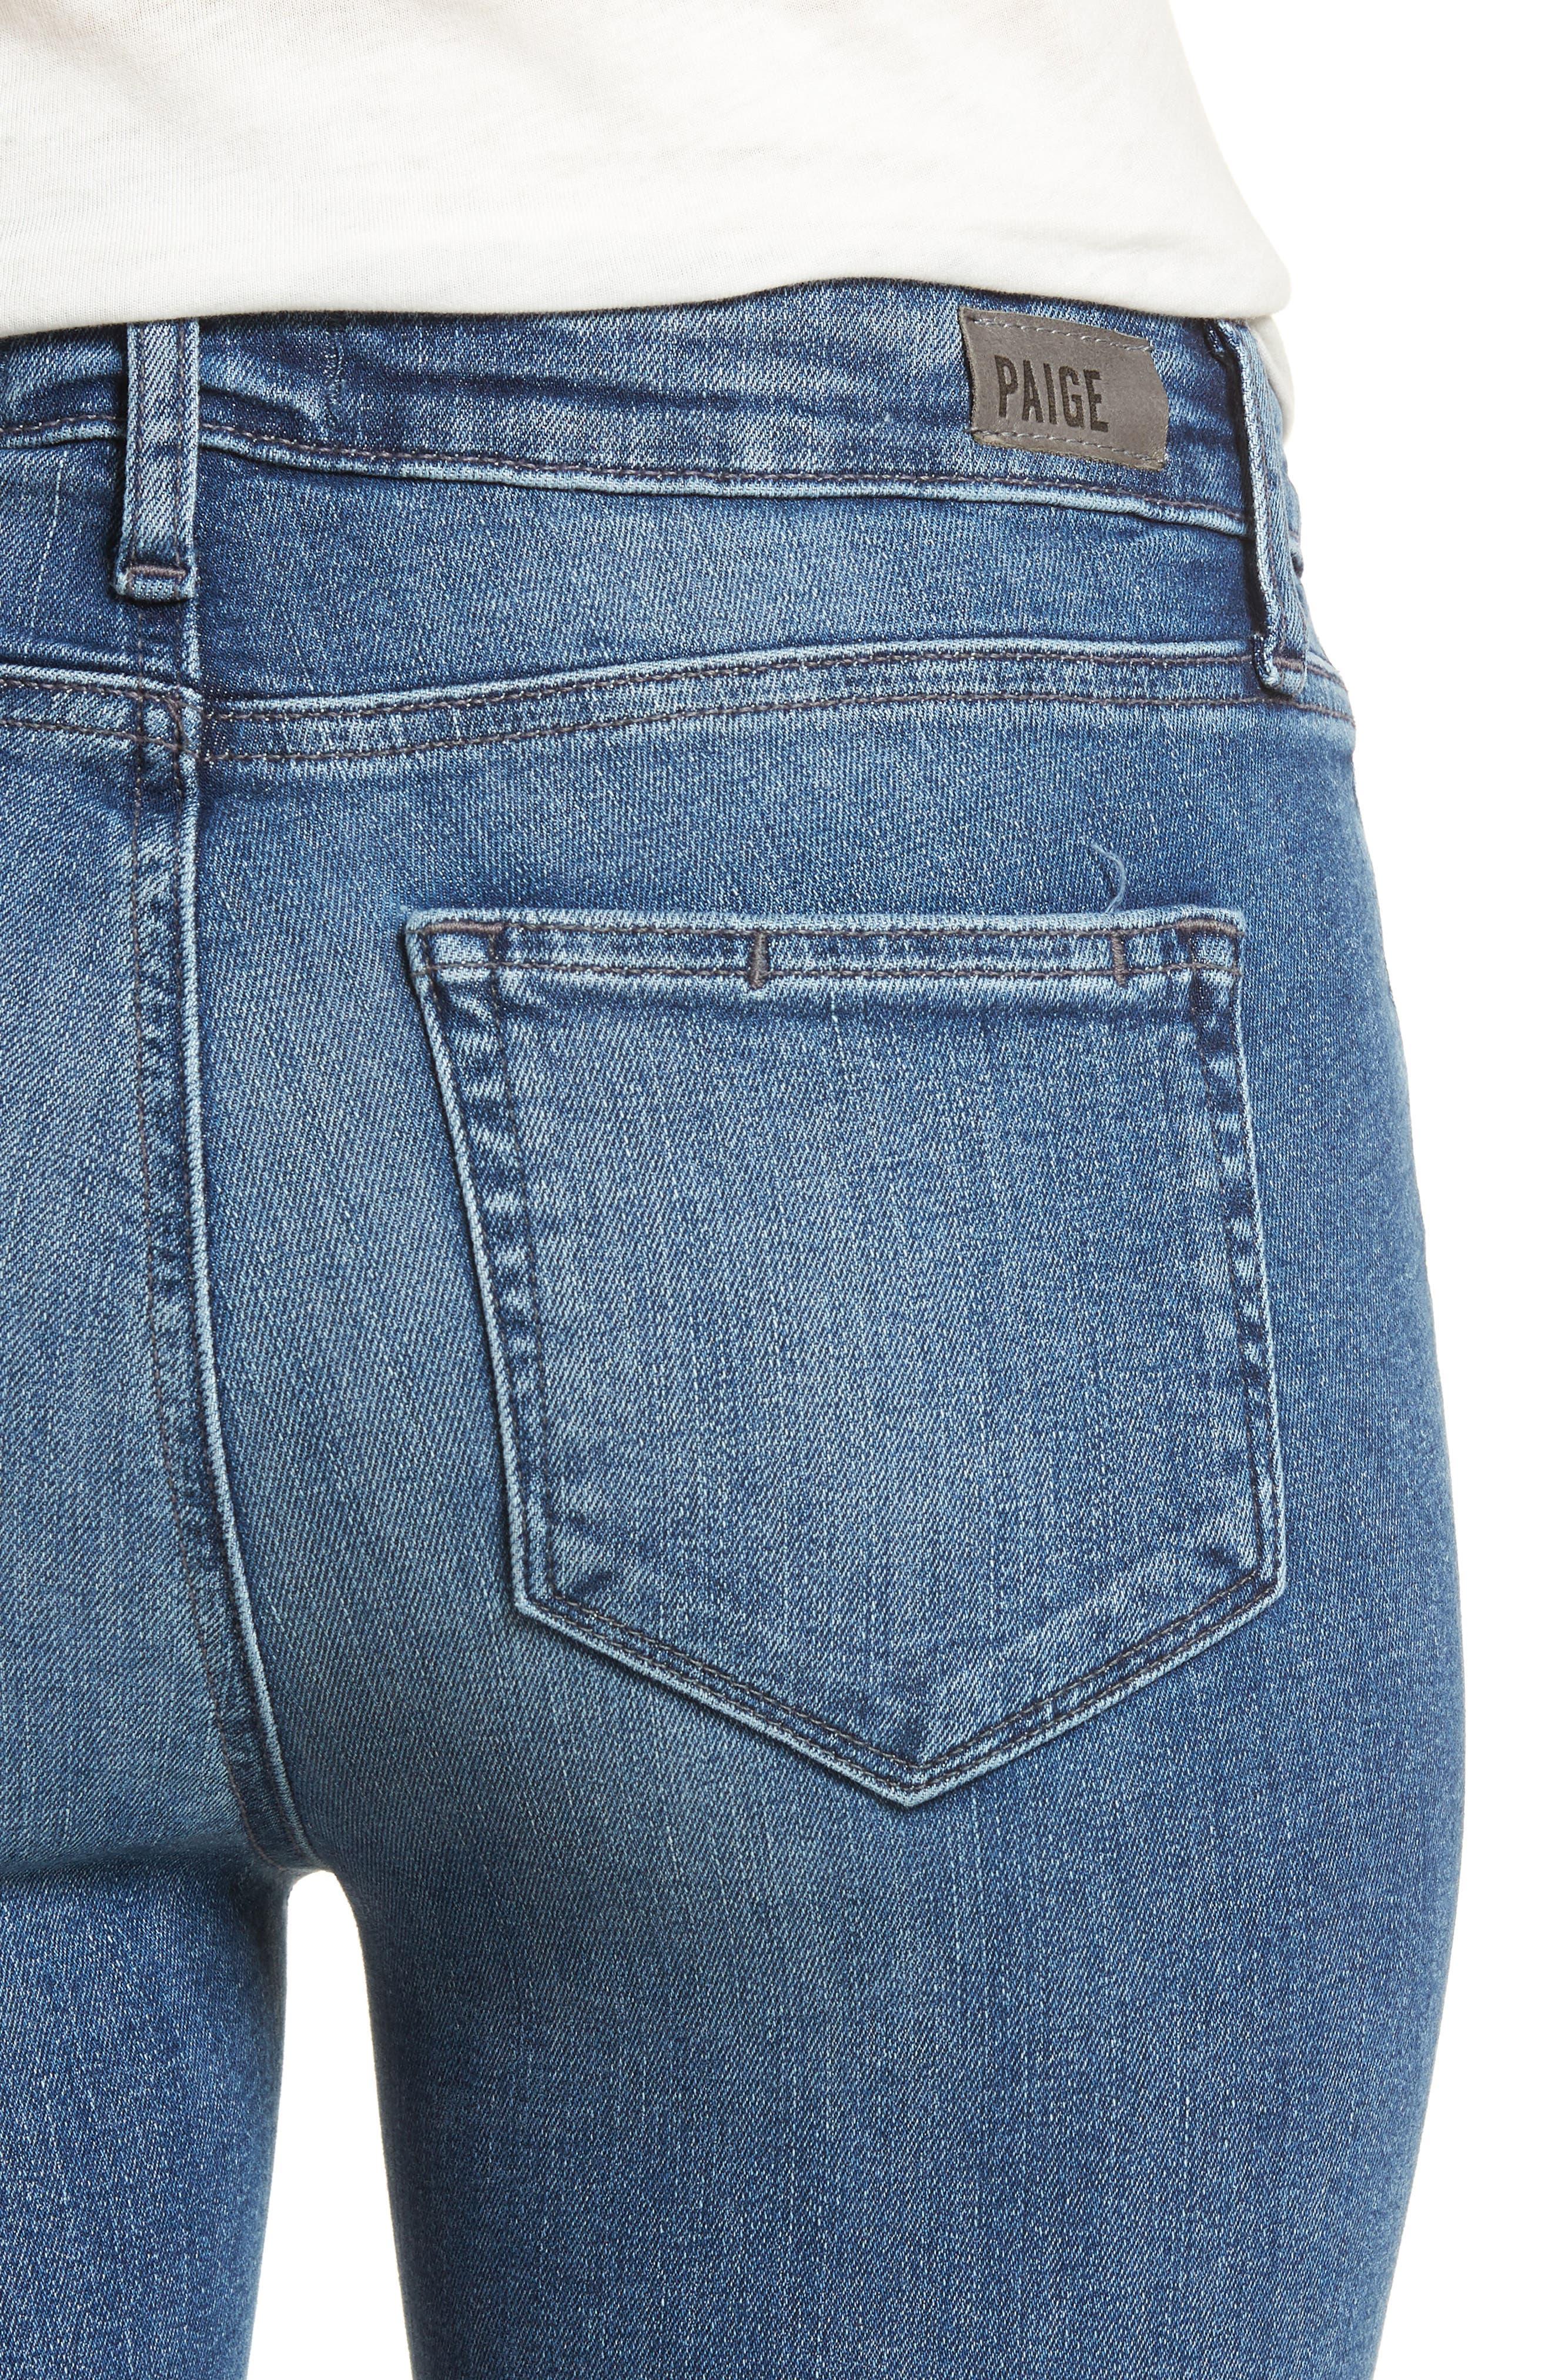 Transcend Vintage - Verdugo Crop Ultra Skinny Jeans,                             Alternate thumbnail 4, color,                             400